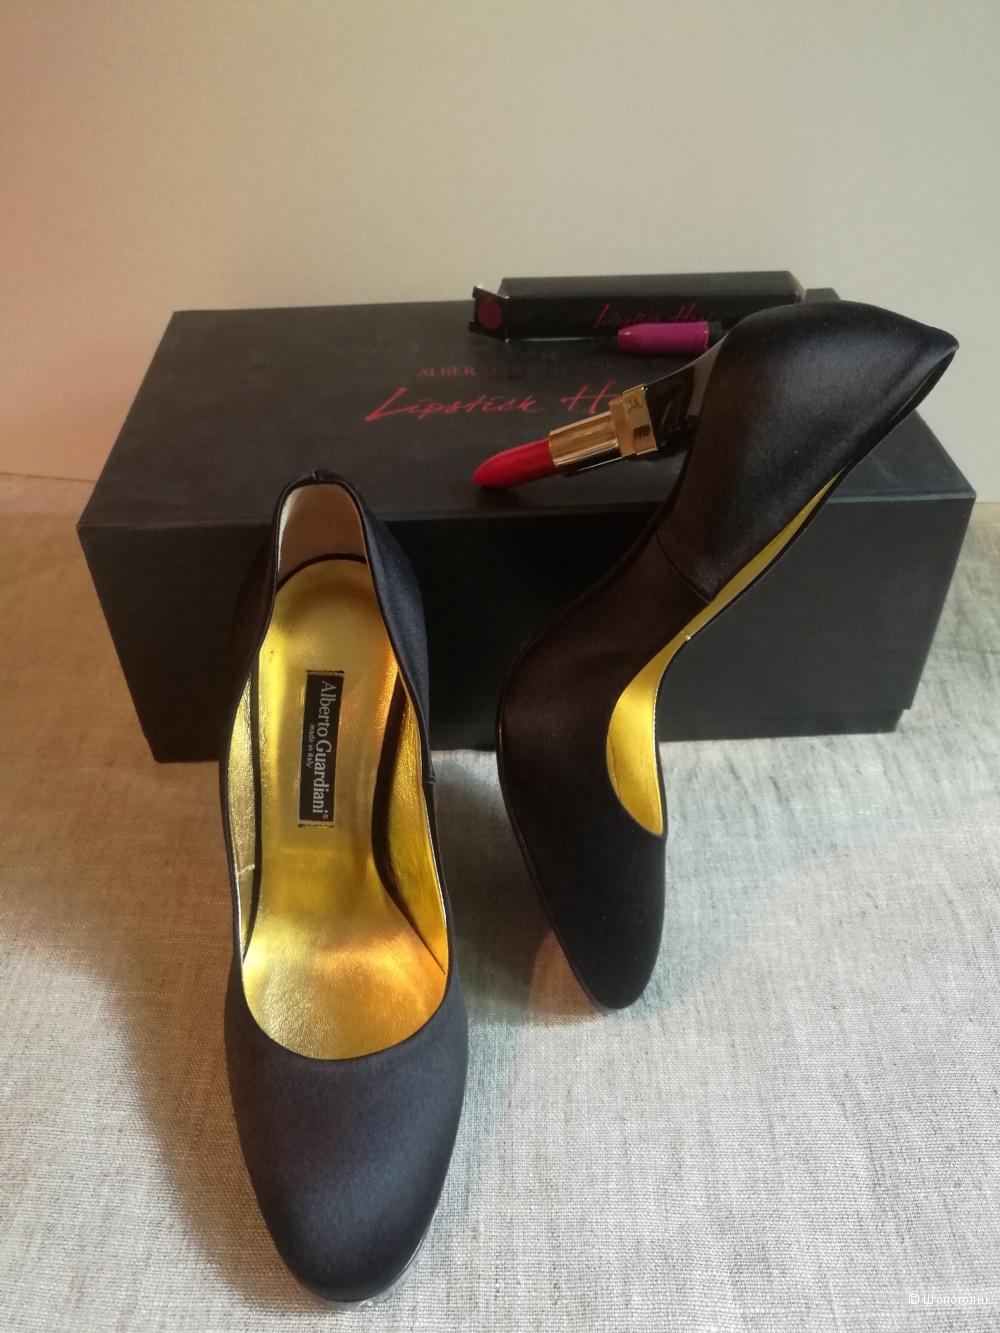 Туфли Alberto Guardiani с каблуками Lipstick Heel, на р.35-36